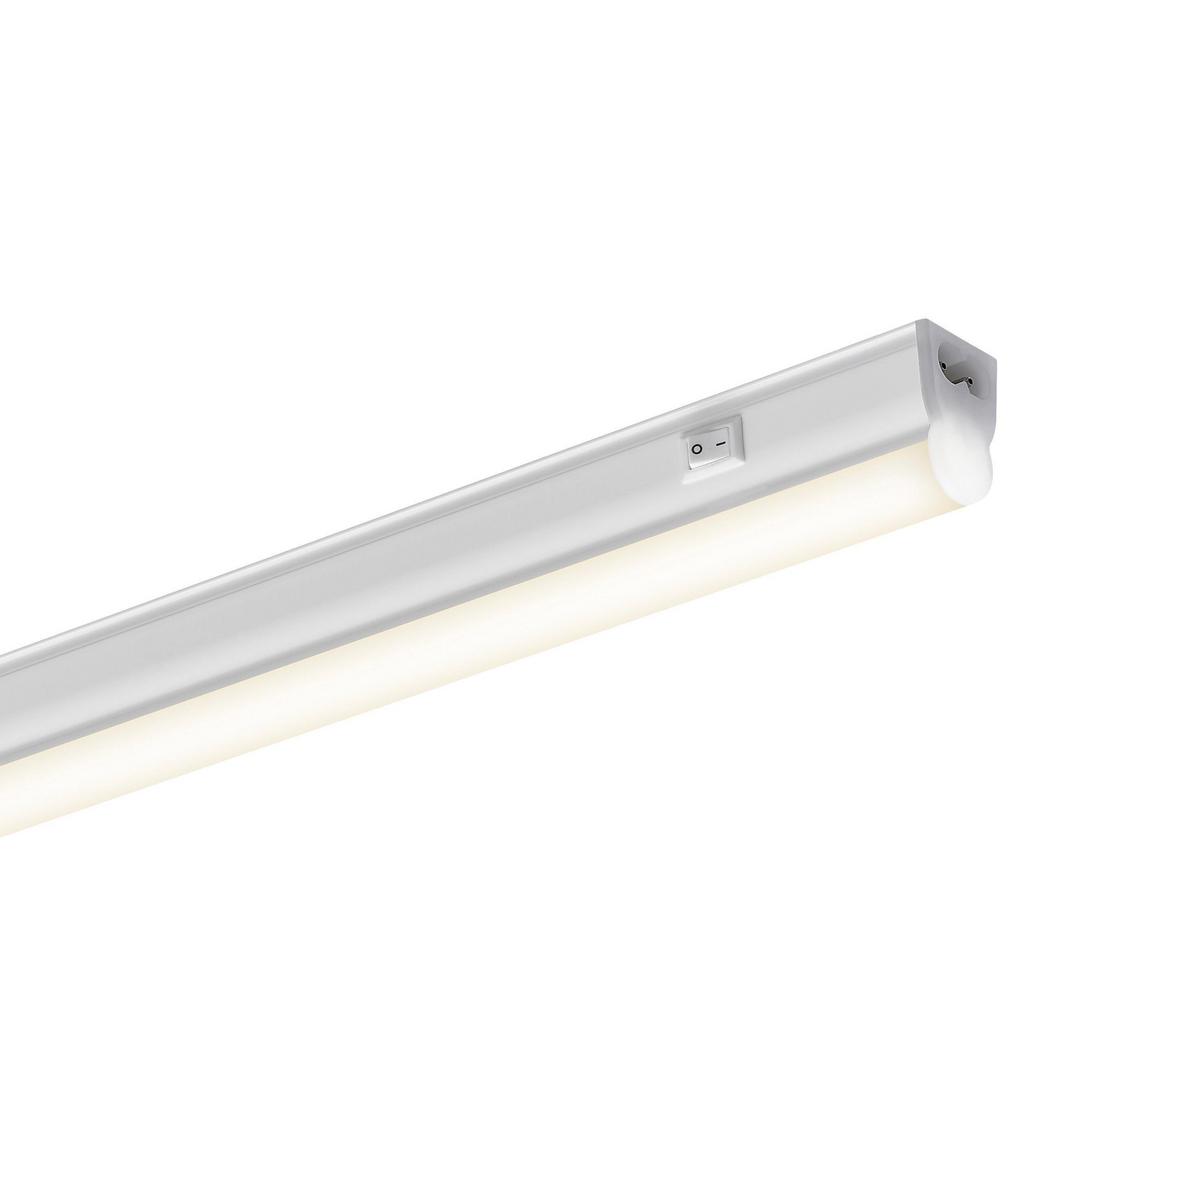 LED-Lampe 4 W 360 lm 3000 K